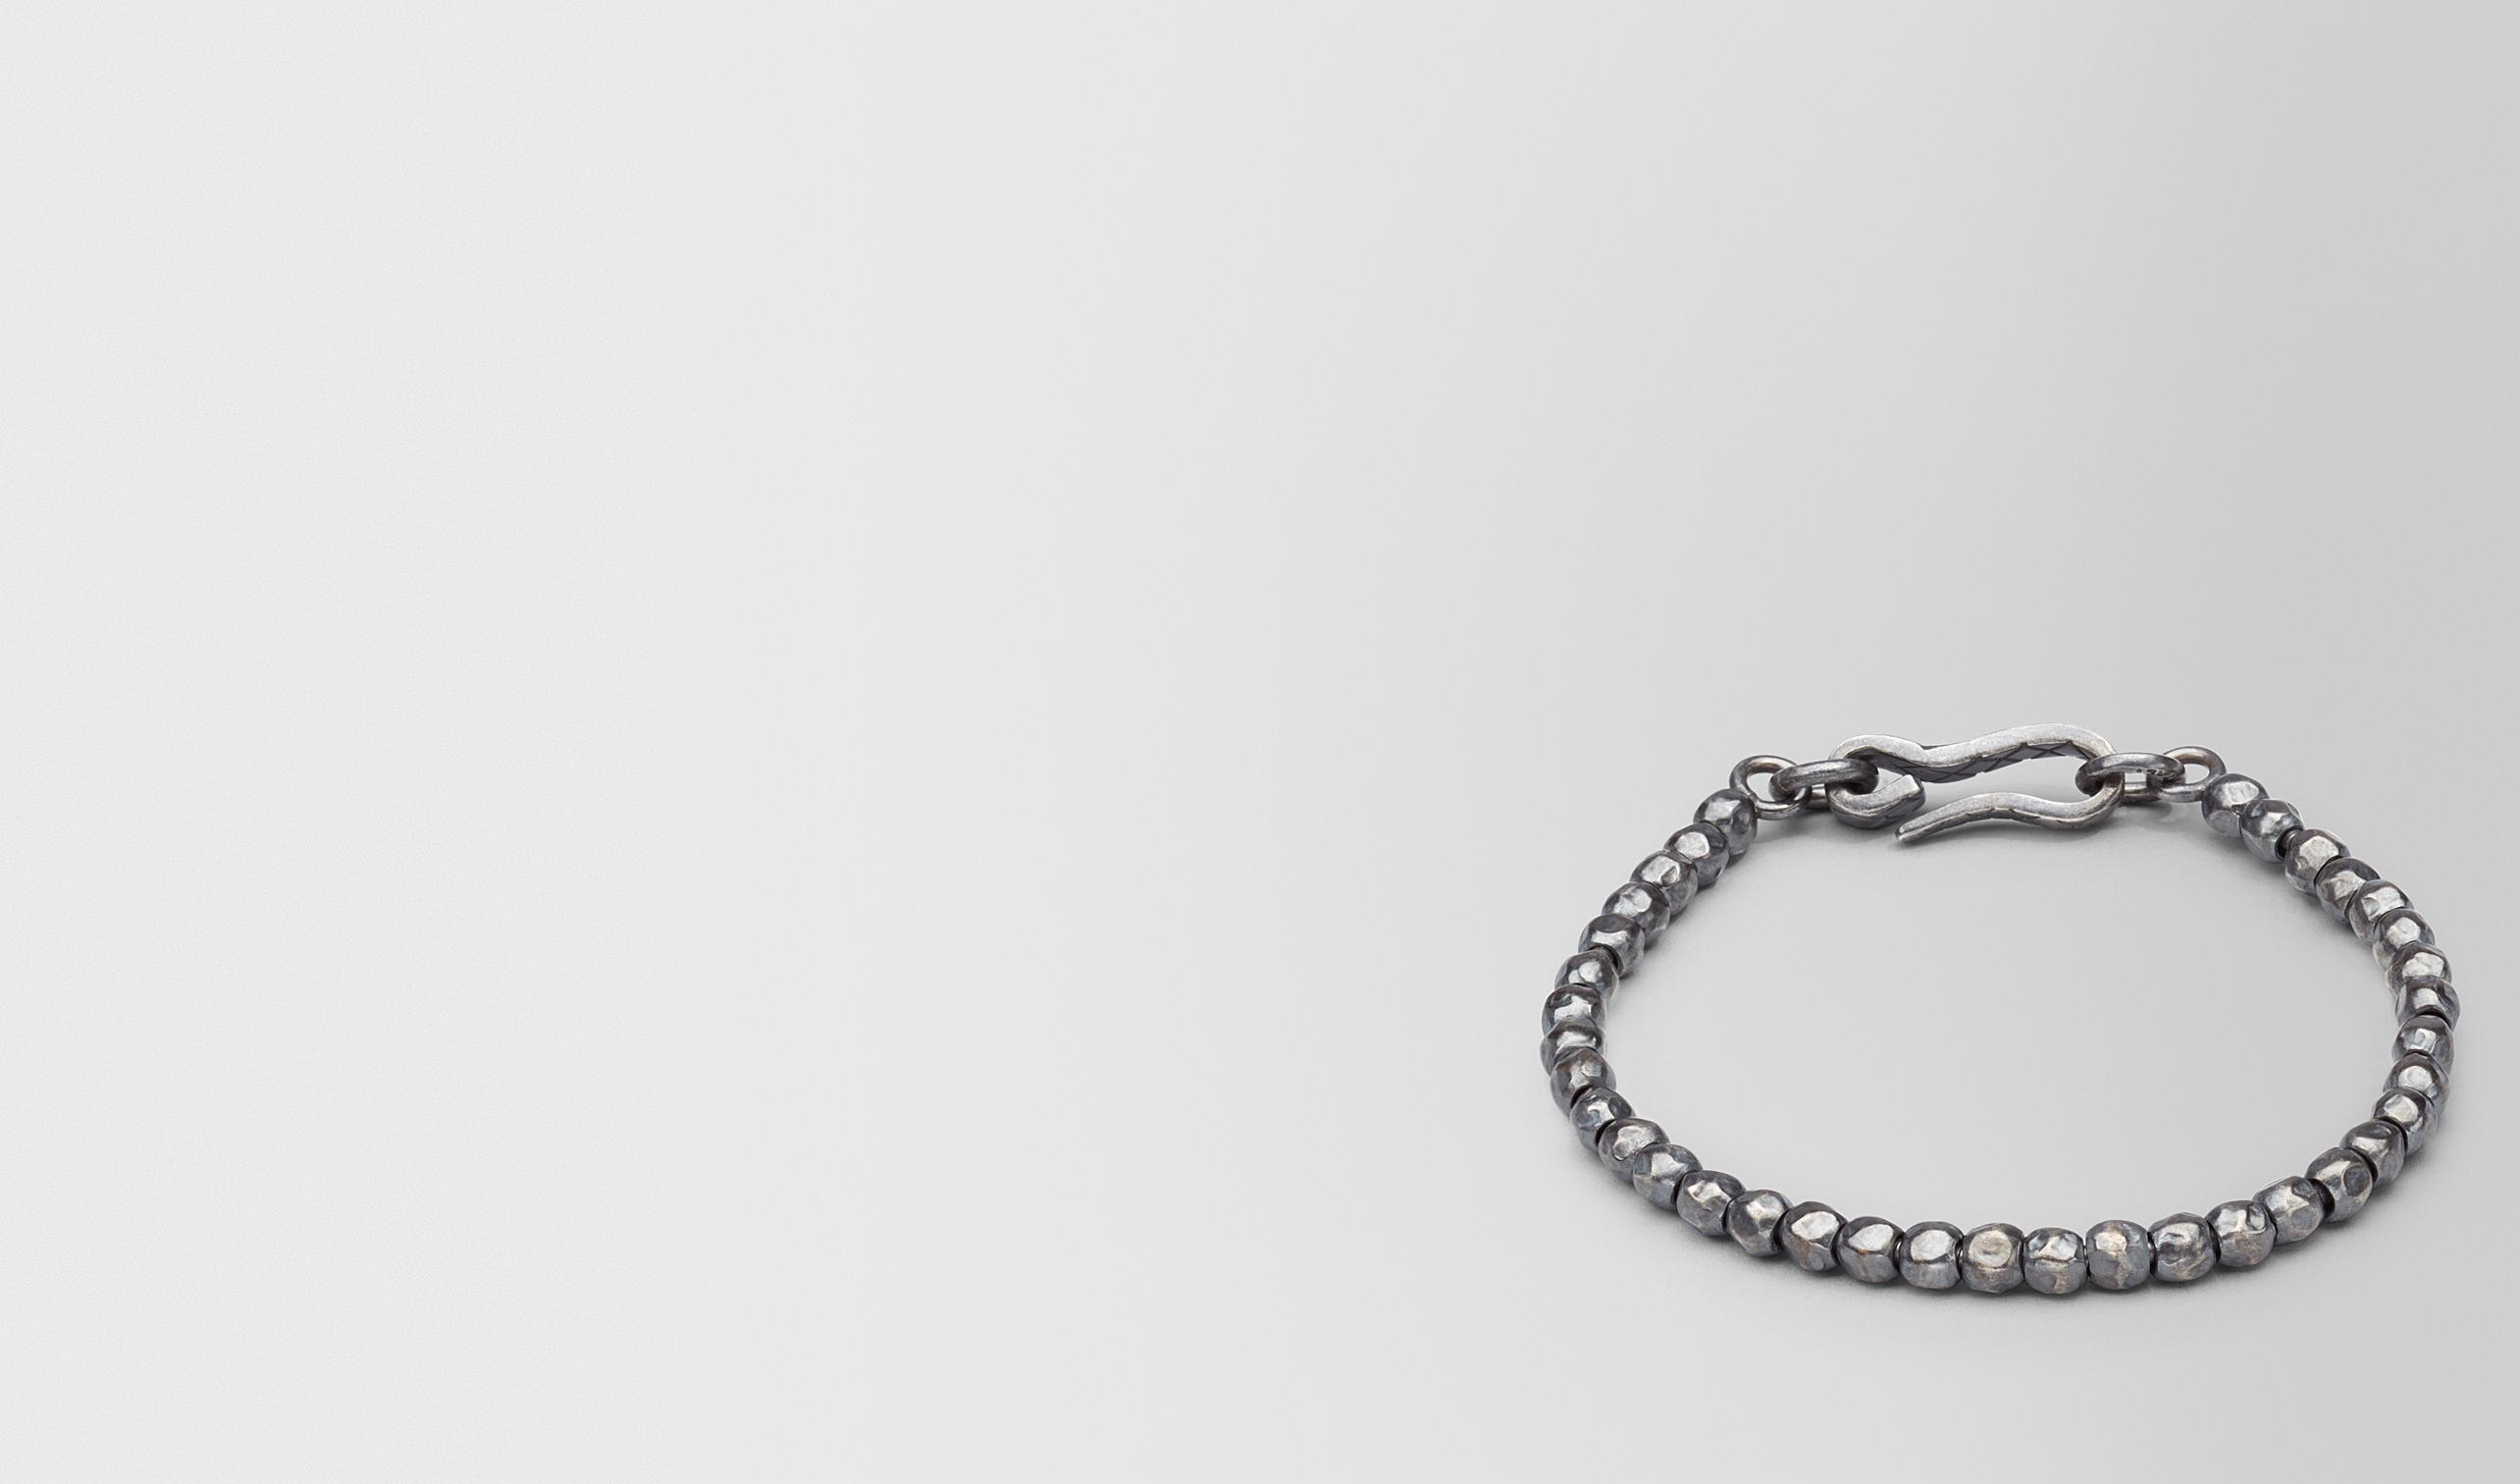 BOTTEGA VENETA Armband U ARMBAND AUS SILBER MIT INTRECCIATO-DETAIL pl